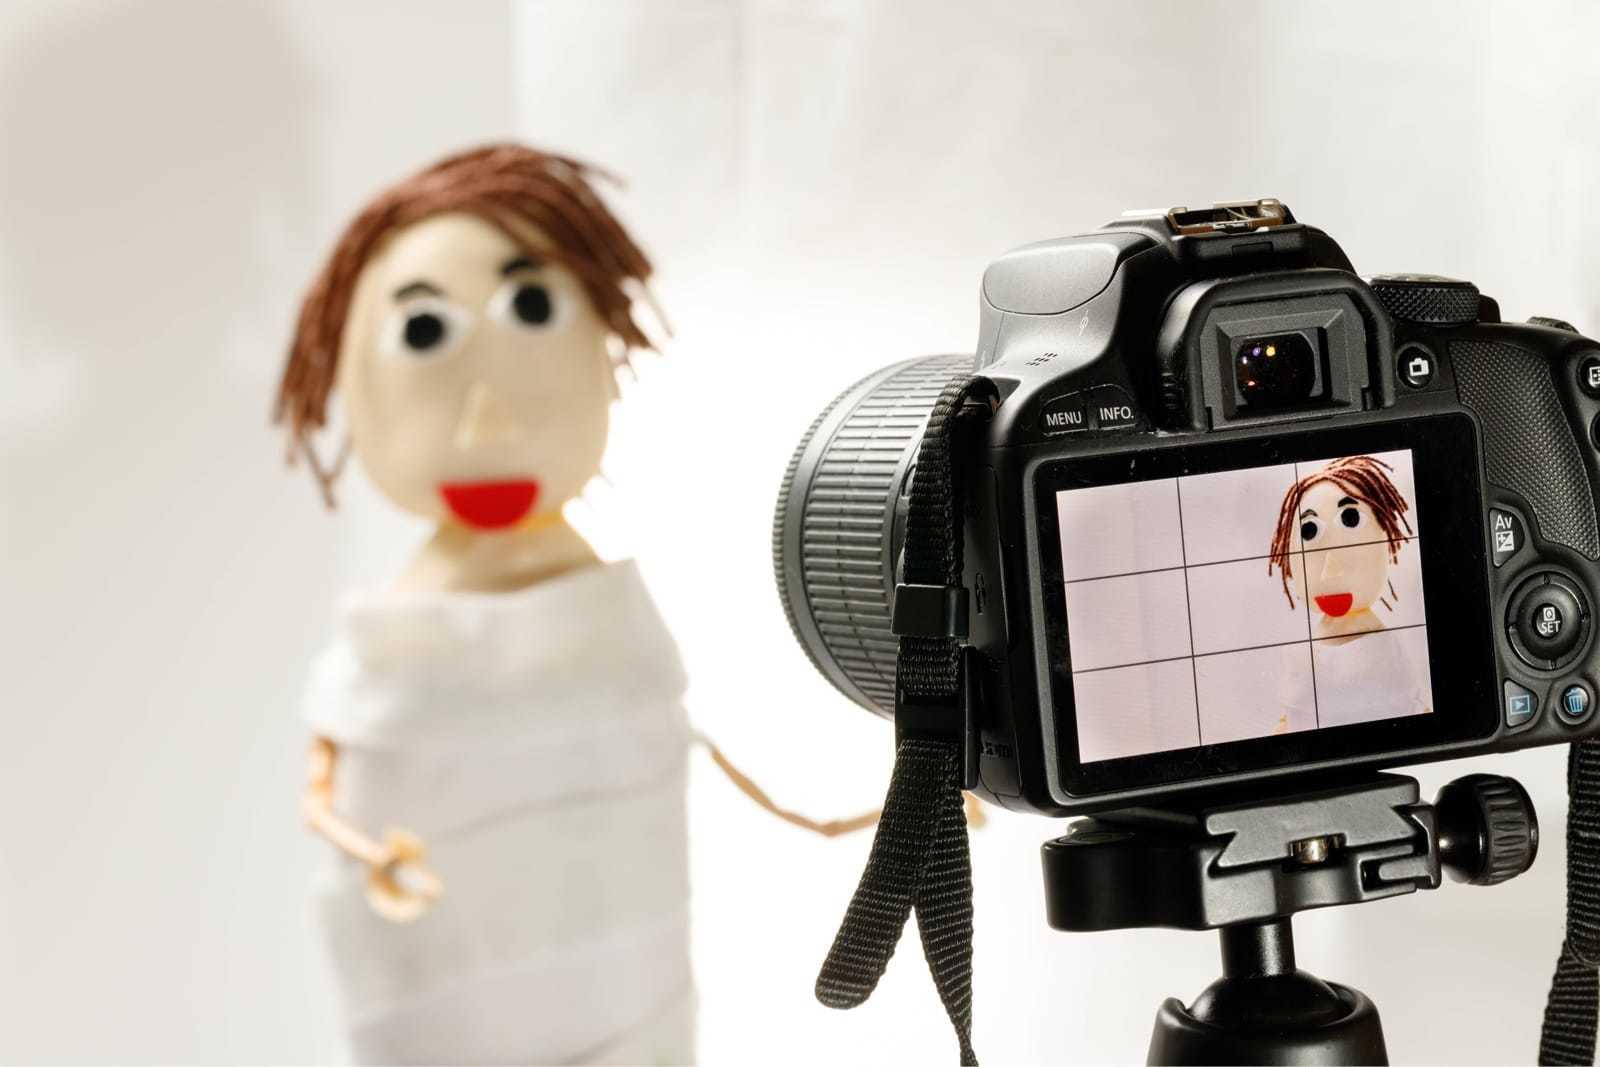 人形を動画撮影する様子